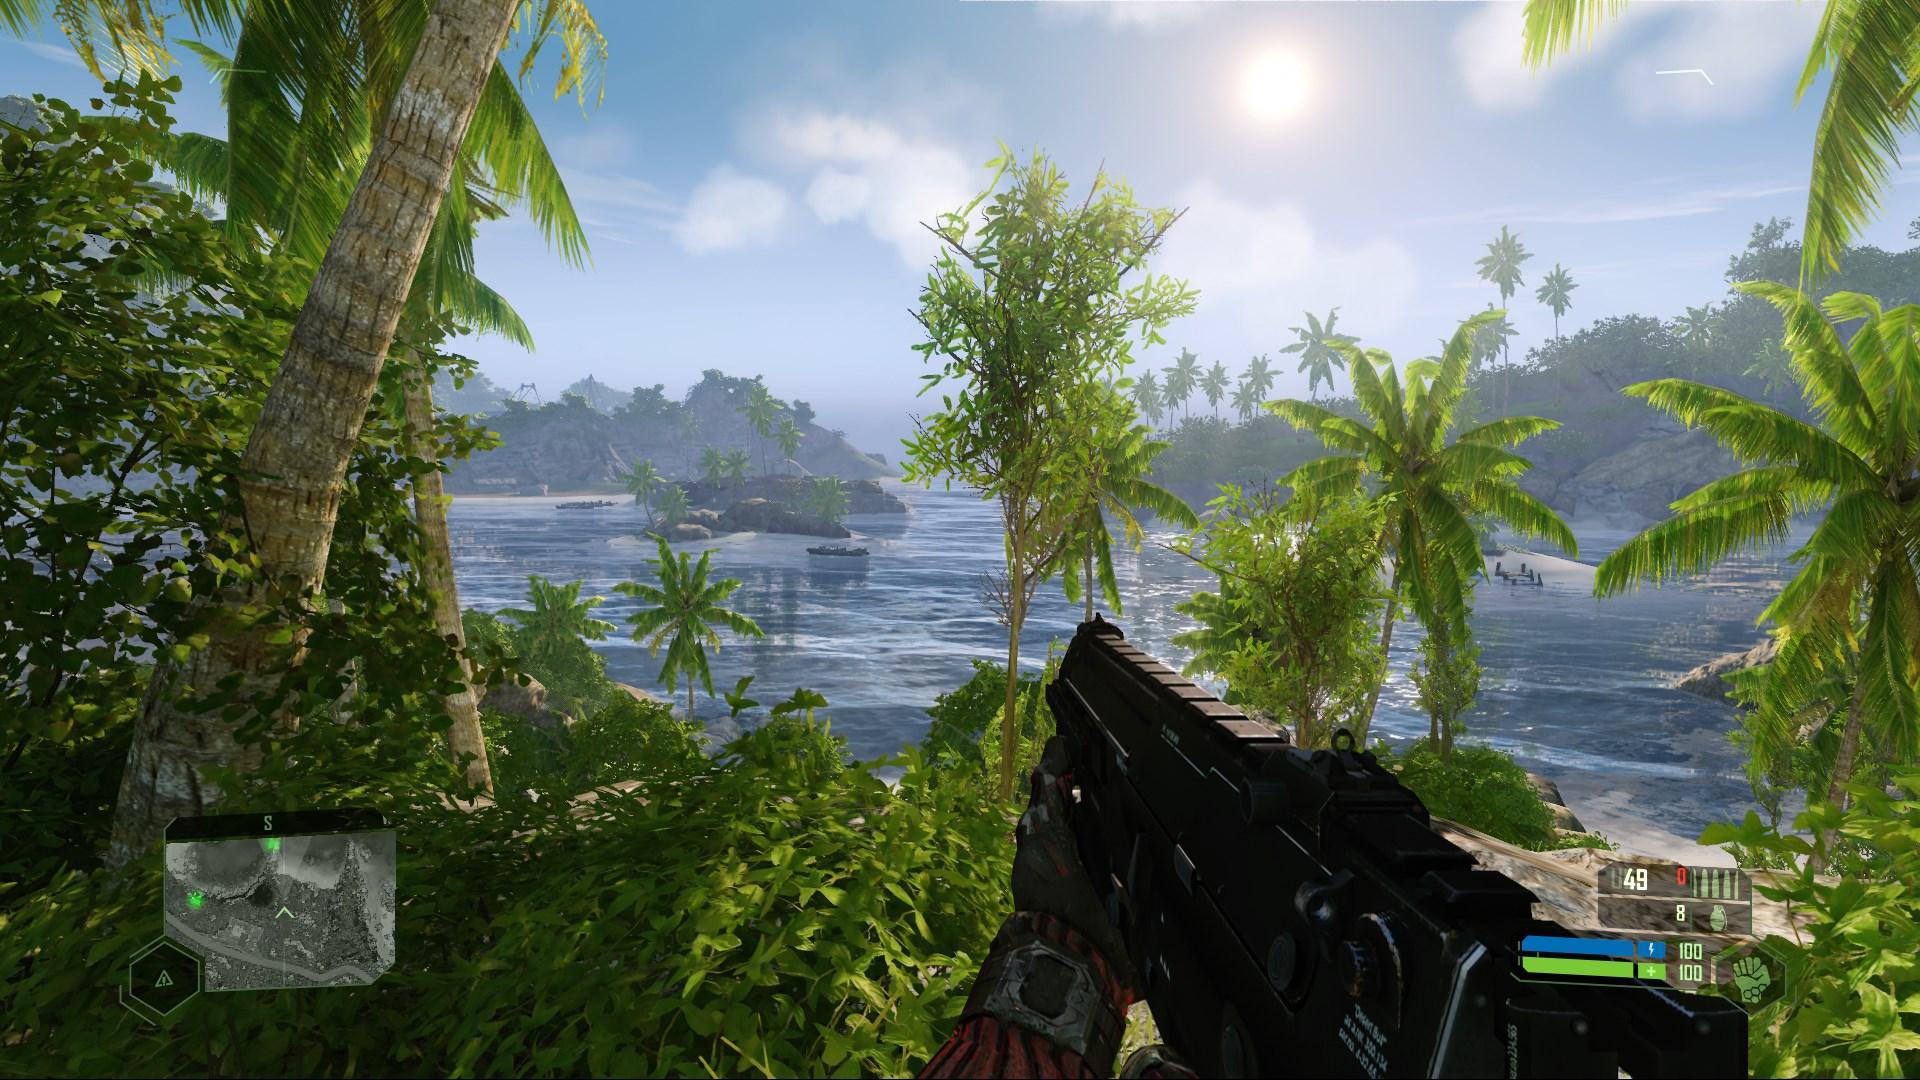 Nintendo Download: Crysis Remastered screenshot